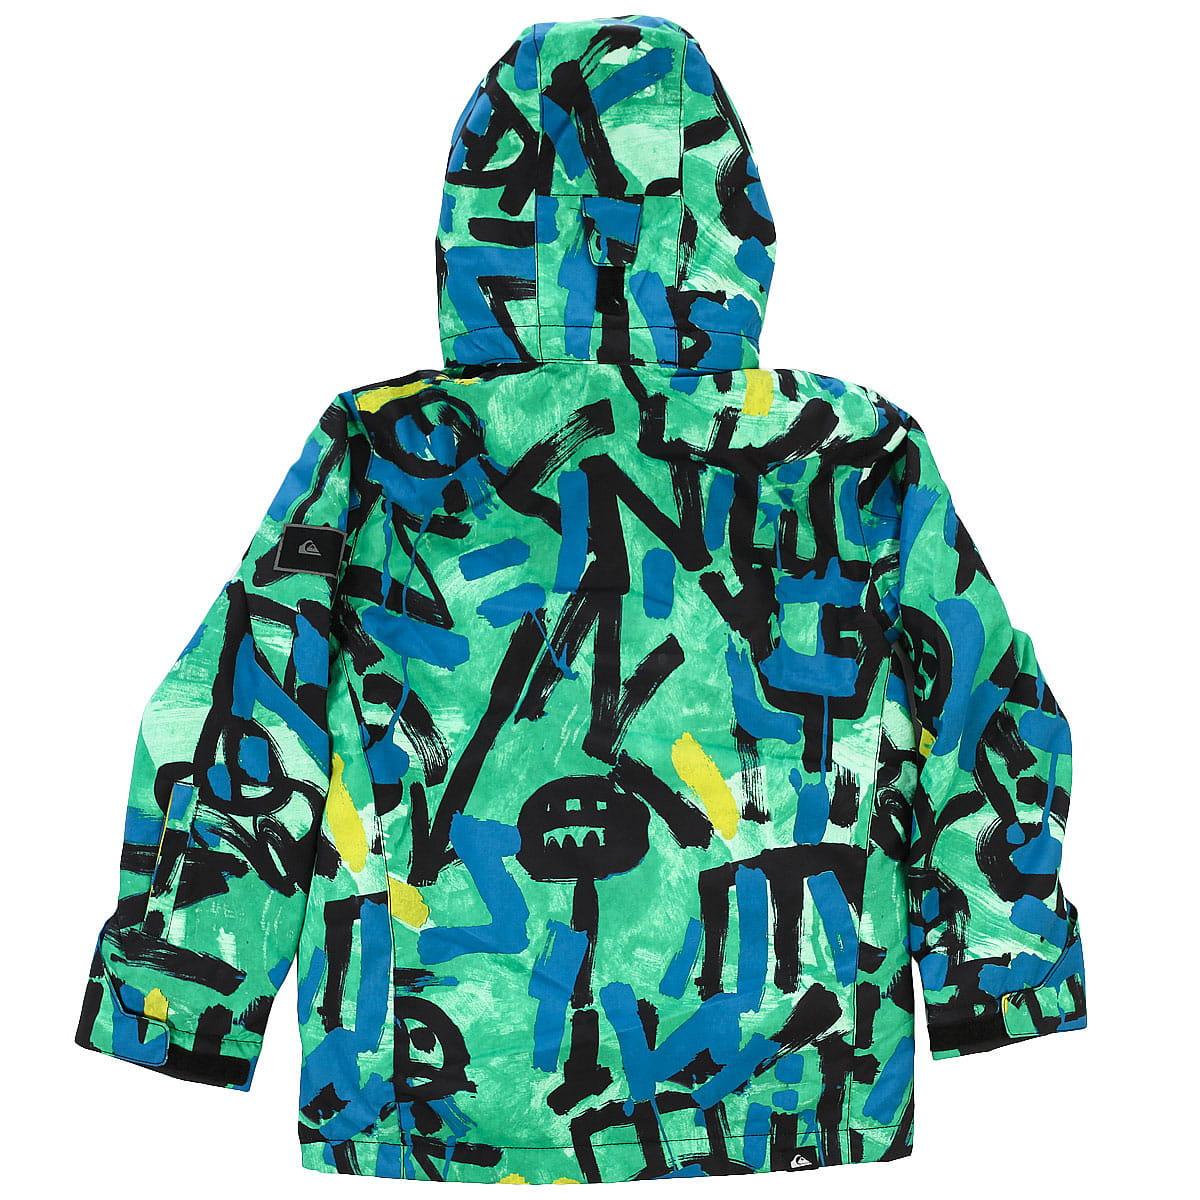 cef866d0351f Товар  Куртка сноубордическая подростковая Quiksilver MISSION PR YO J B  SNJT GNK6. Таблица размеров